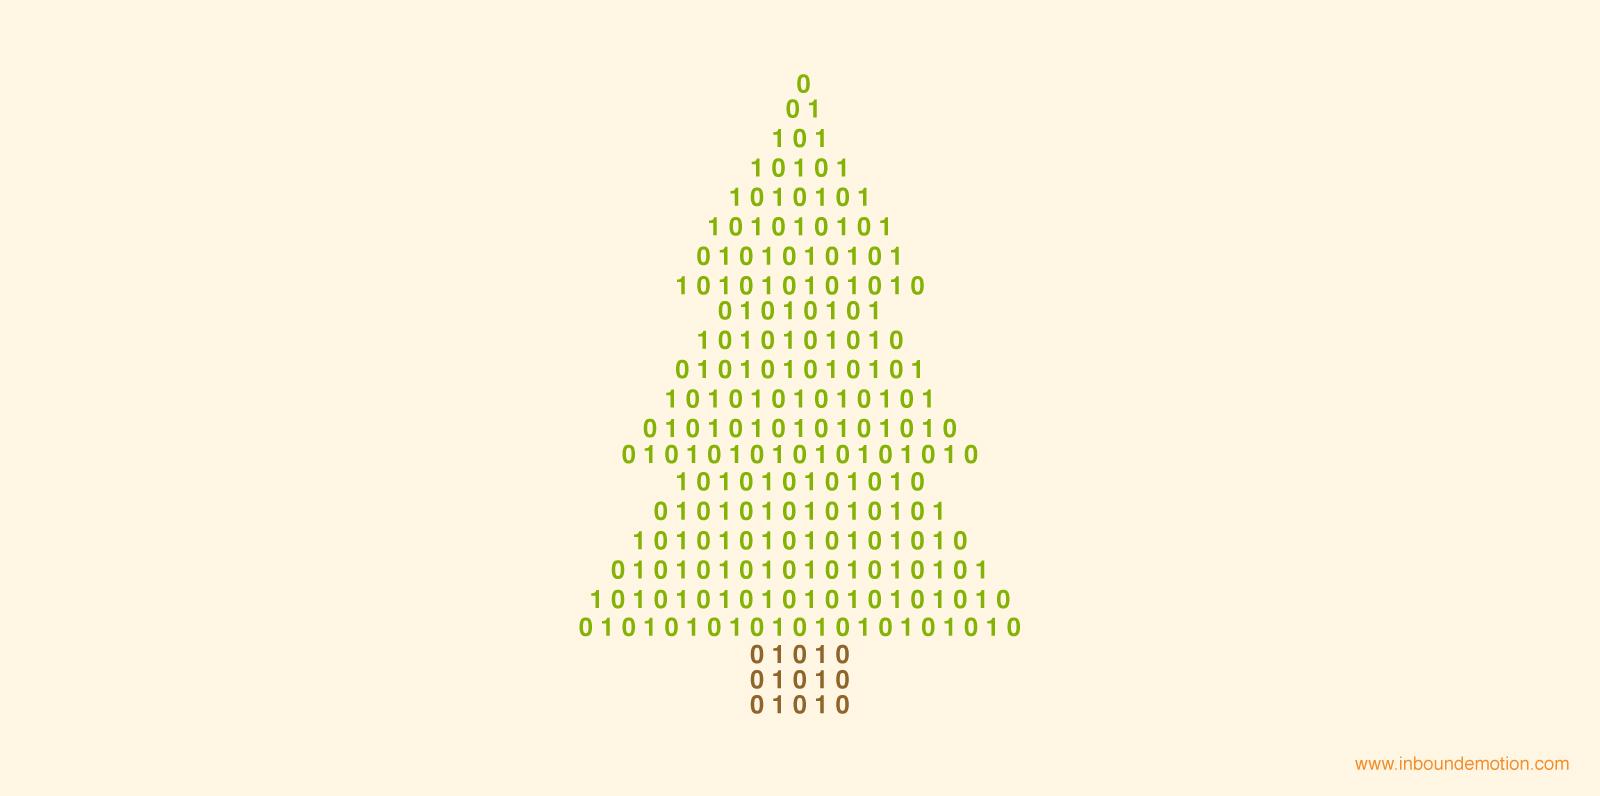 Felicitaciones De Navidad En Castellano.Felicitar La Navidad Online Con Mucha Creatividad Y Poco